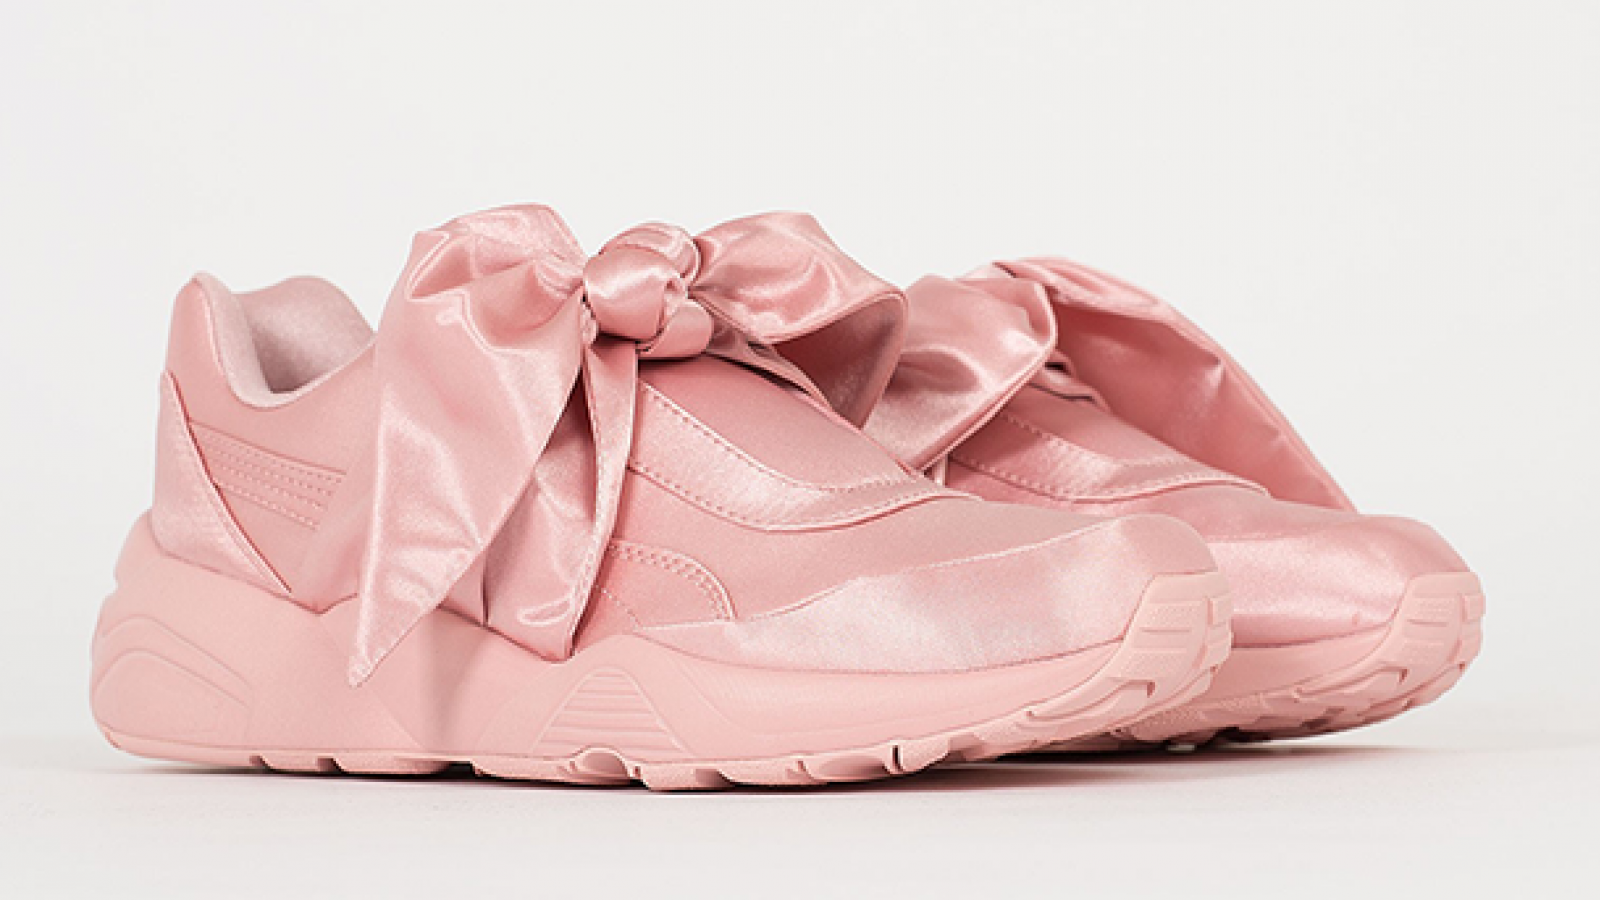 Las deportivas Fenty Puma by Rihanna Bow, en color rosa